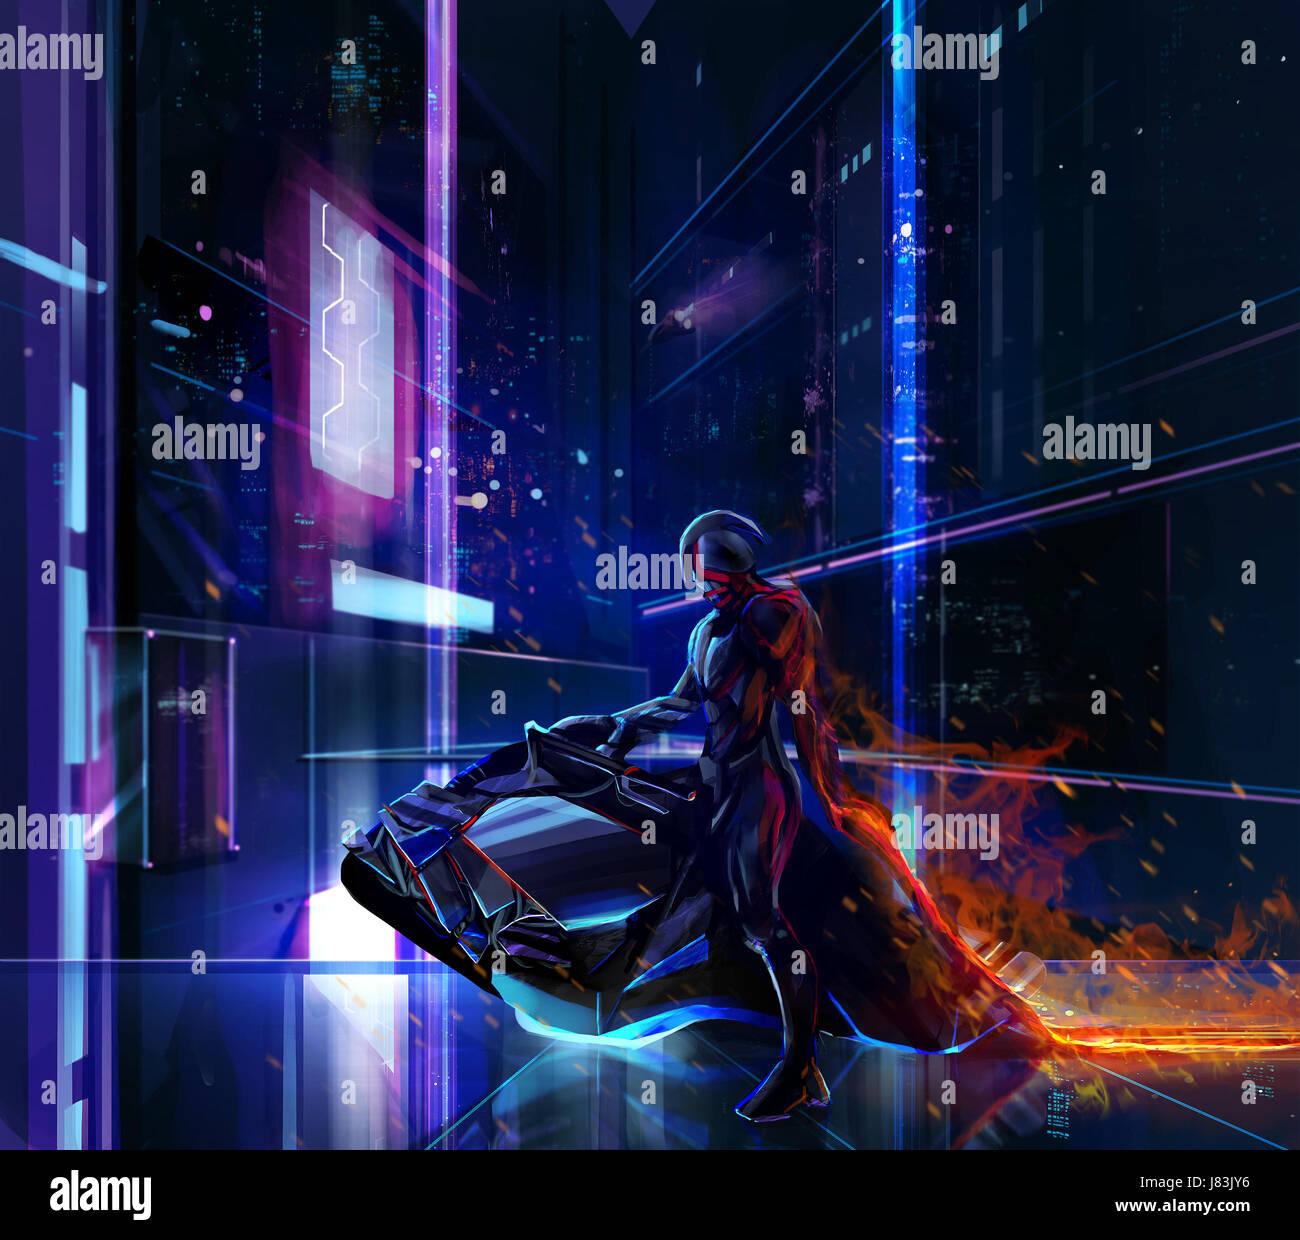 sci fi neon warrior on bike sci fi neon warrior on futuristic bike